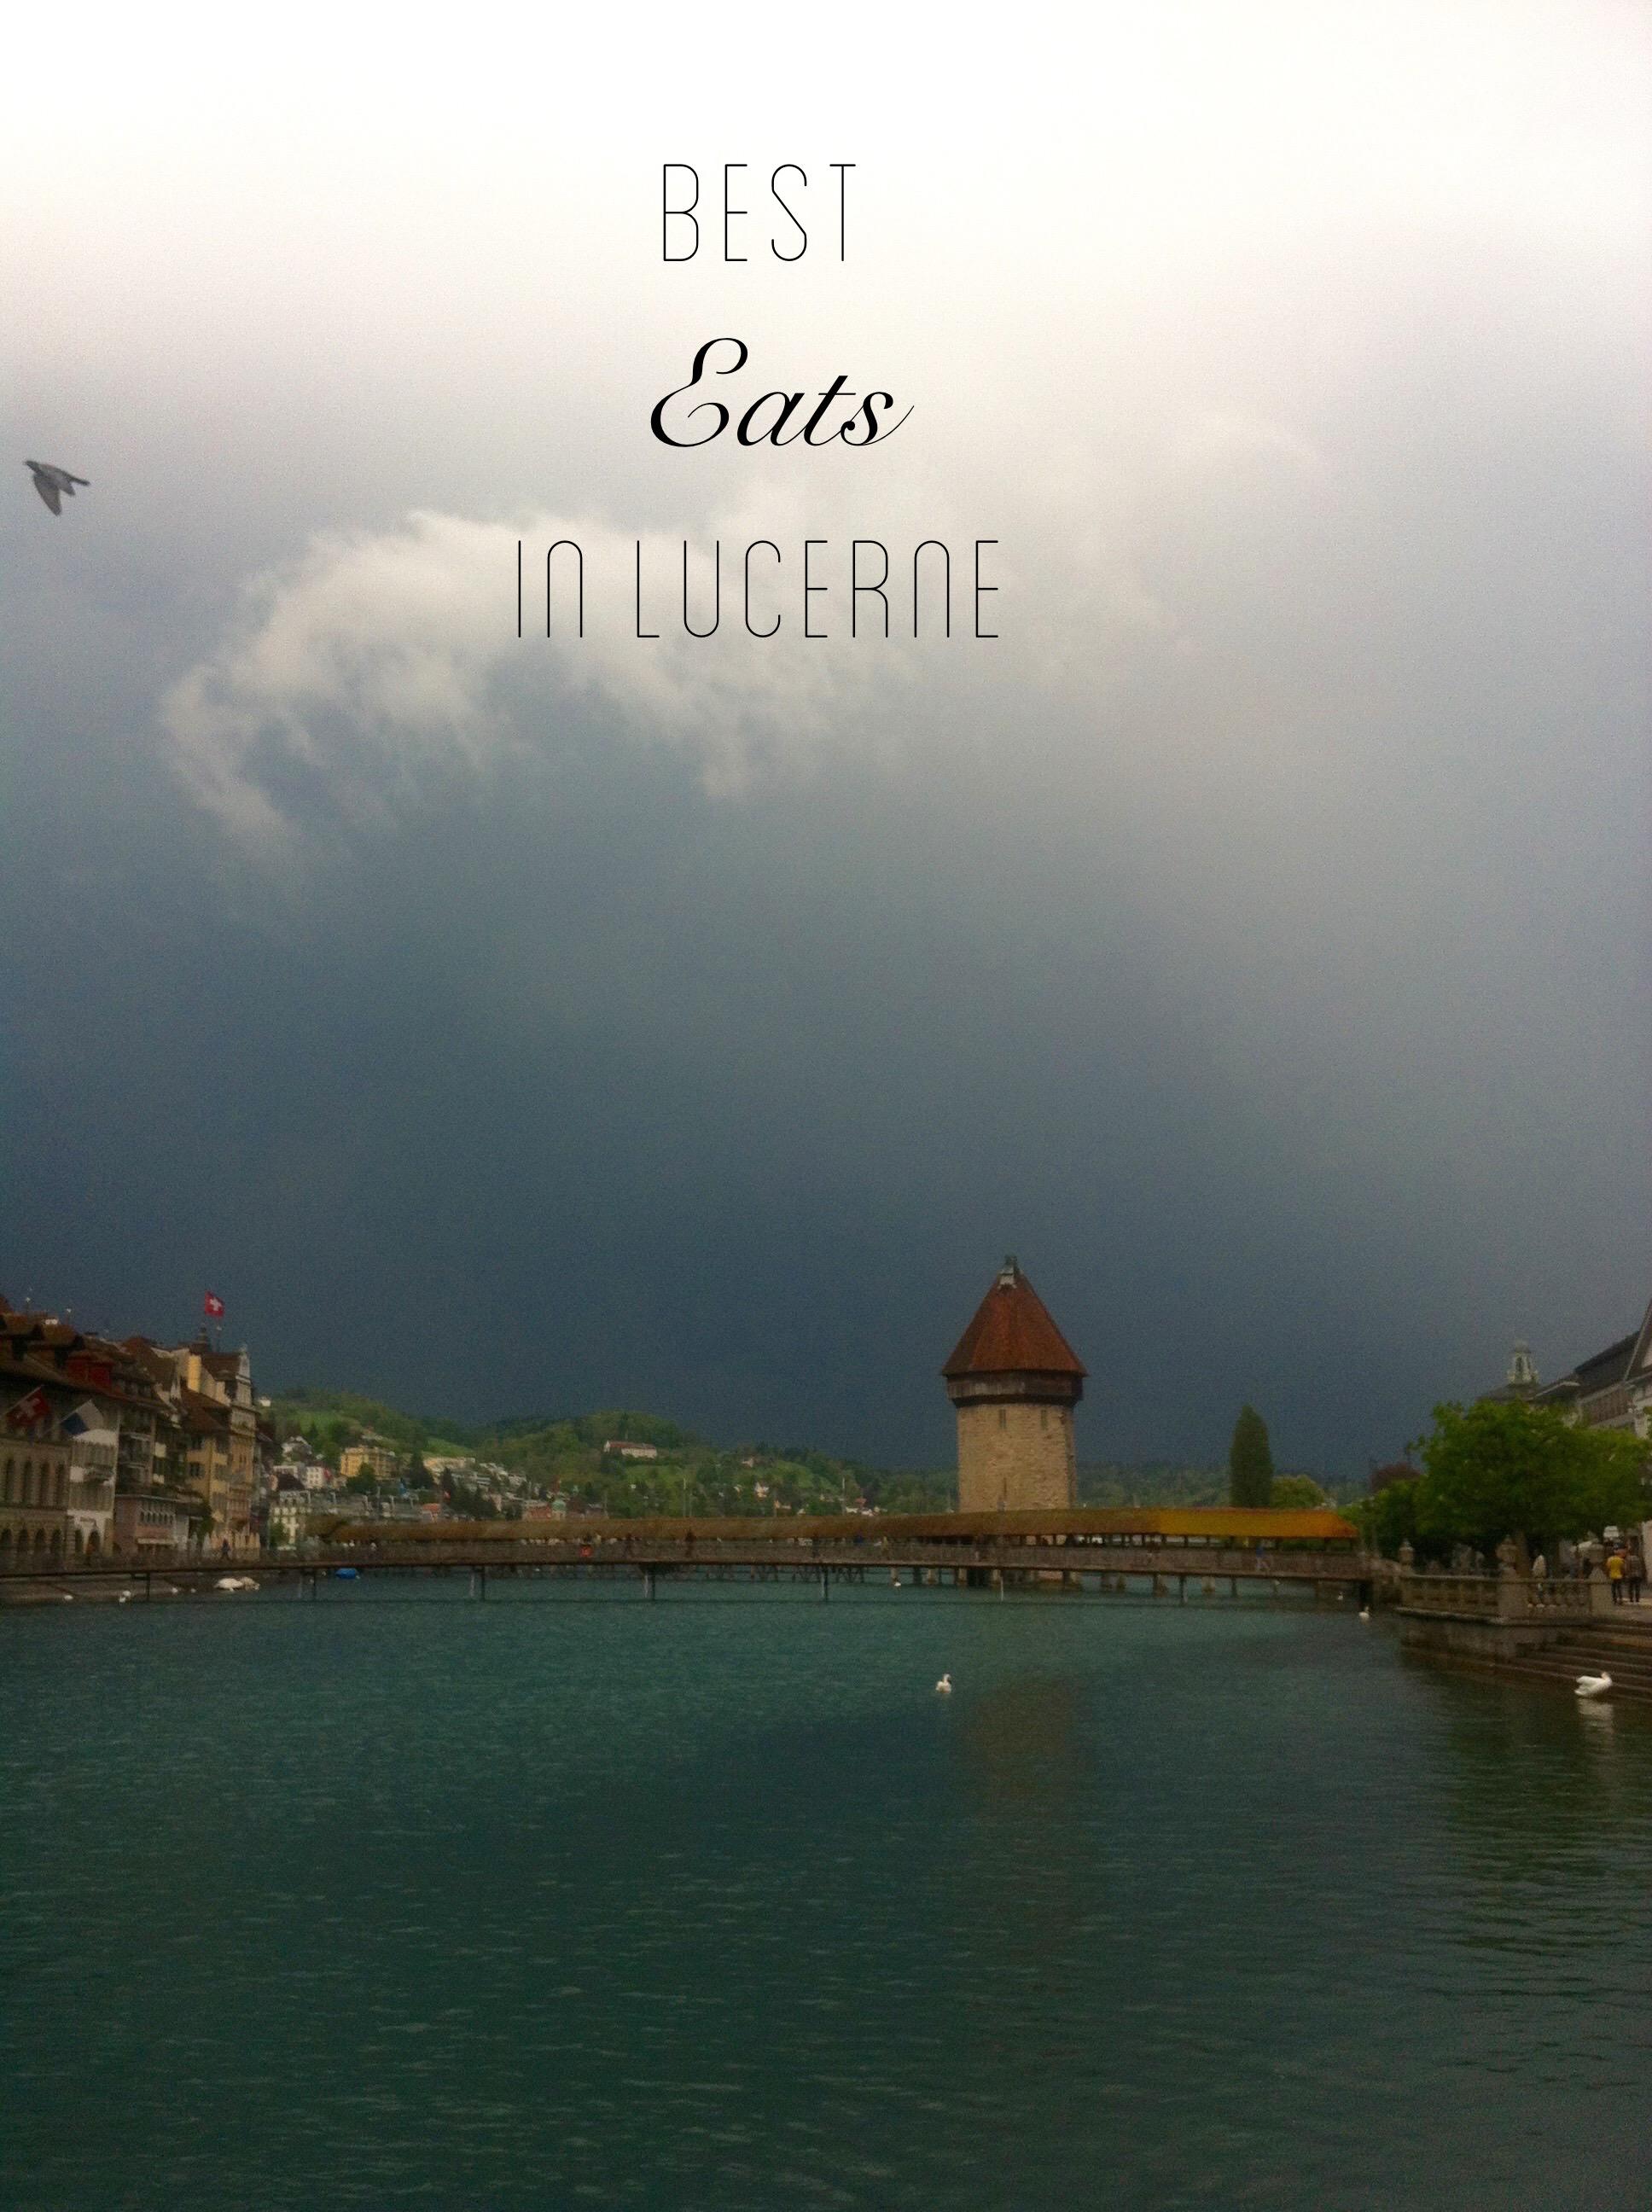 Lucerne eats